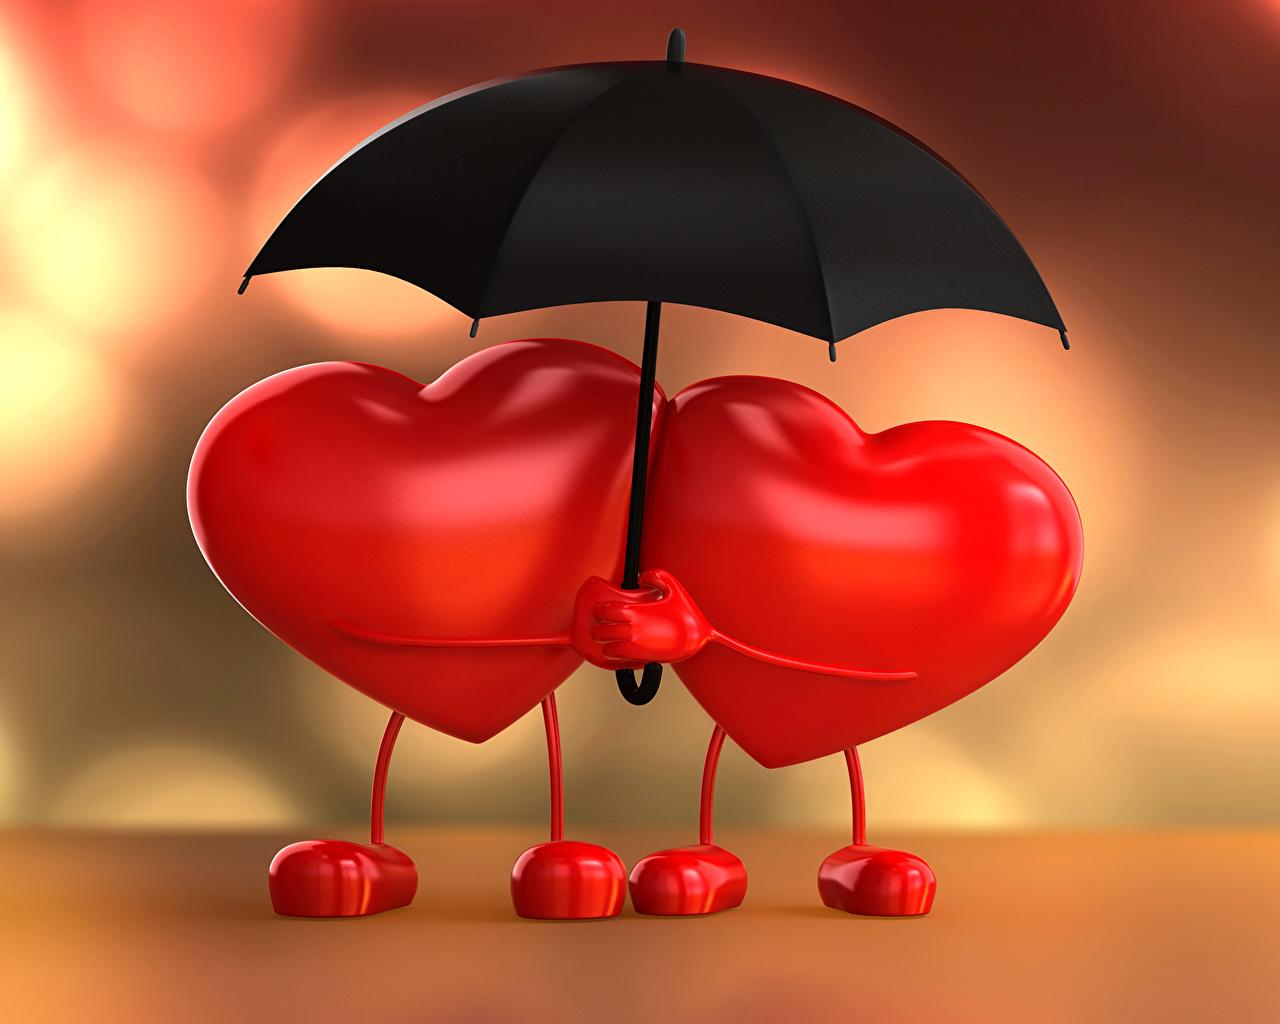 Картинка День святого Валентина Сердце Двое 3D Графика Зонт Праздники